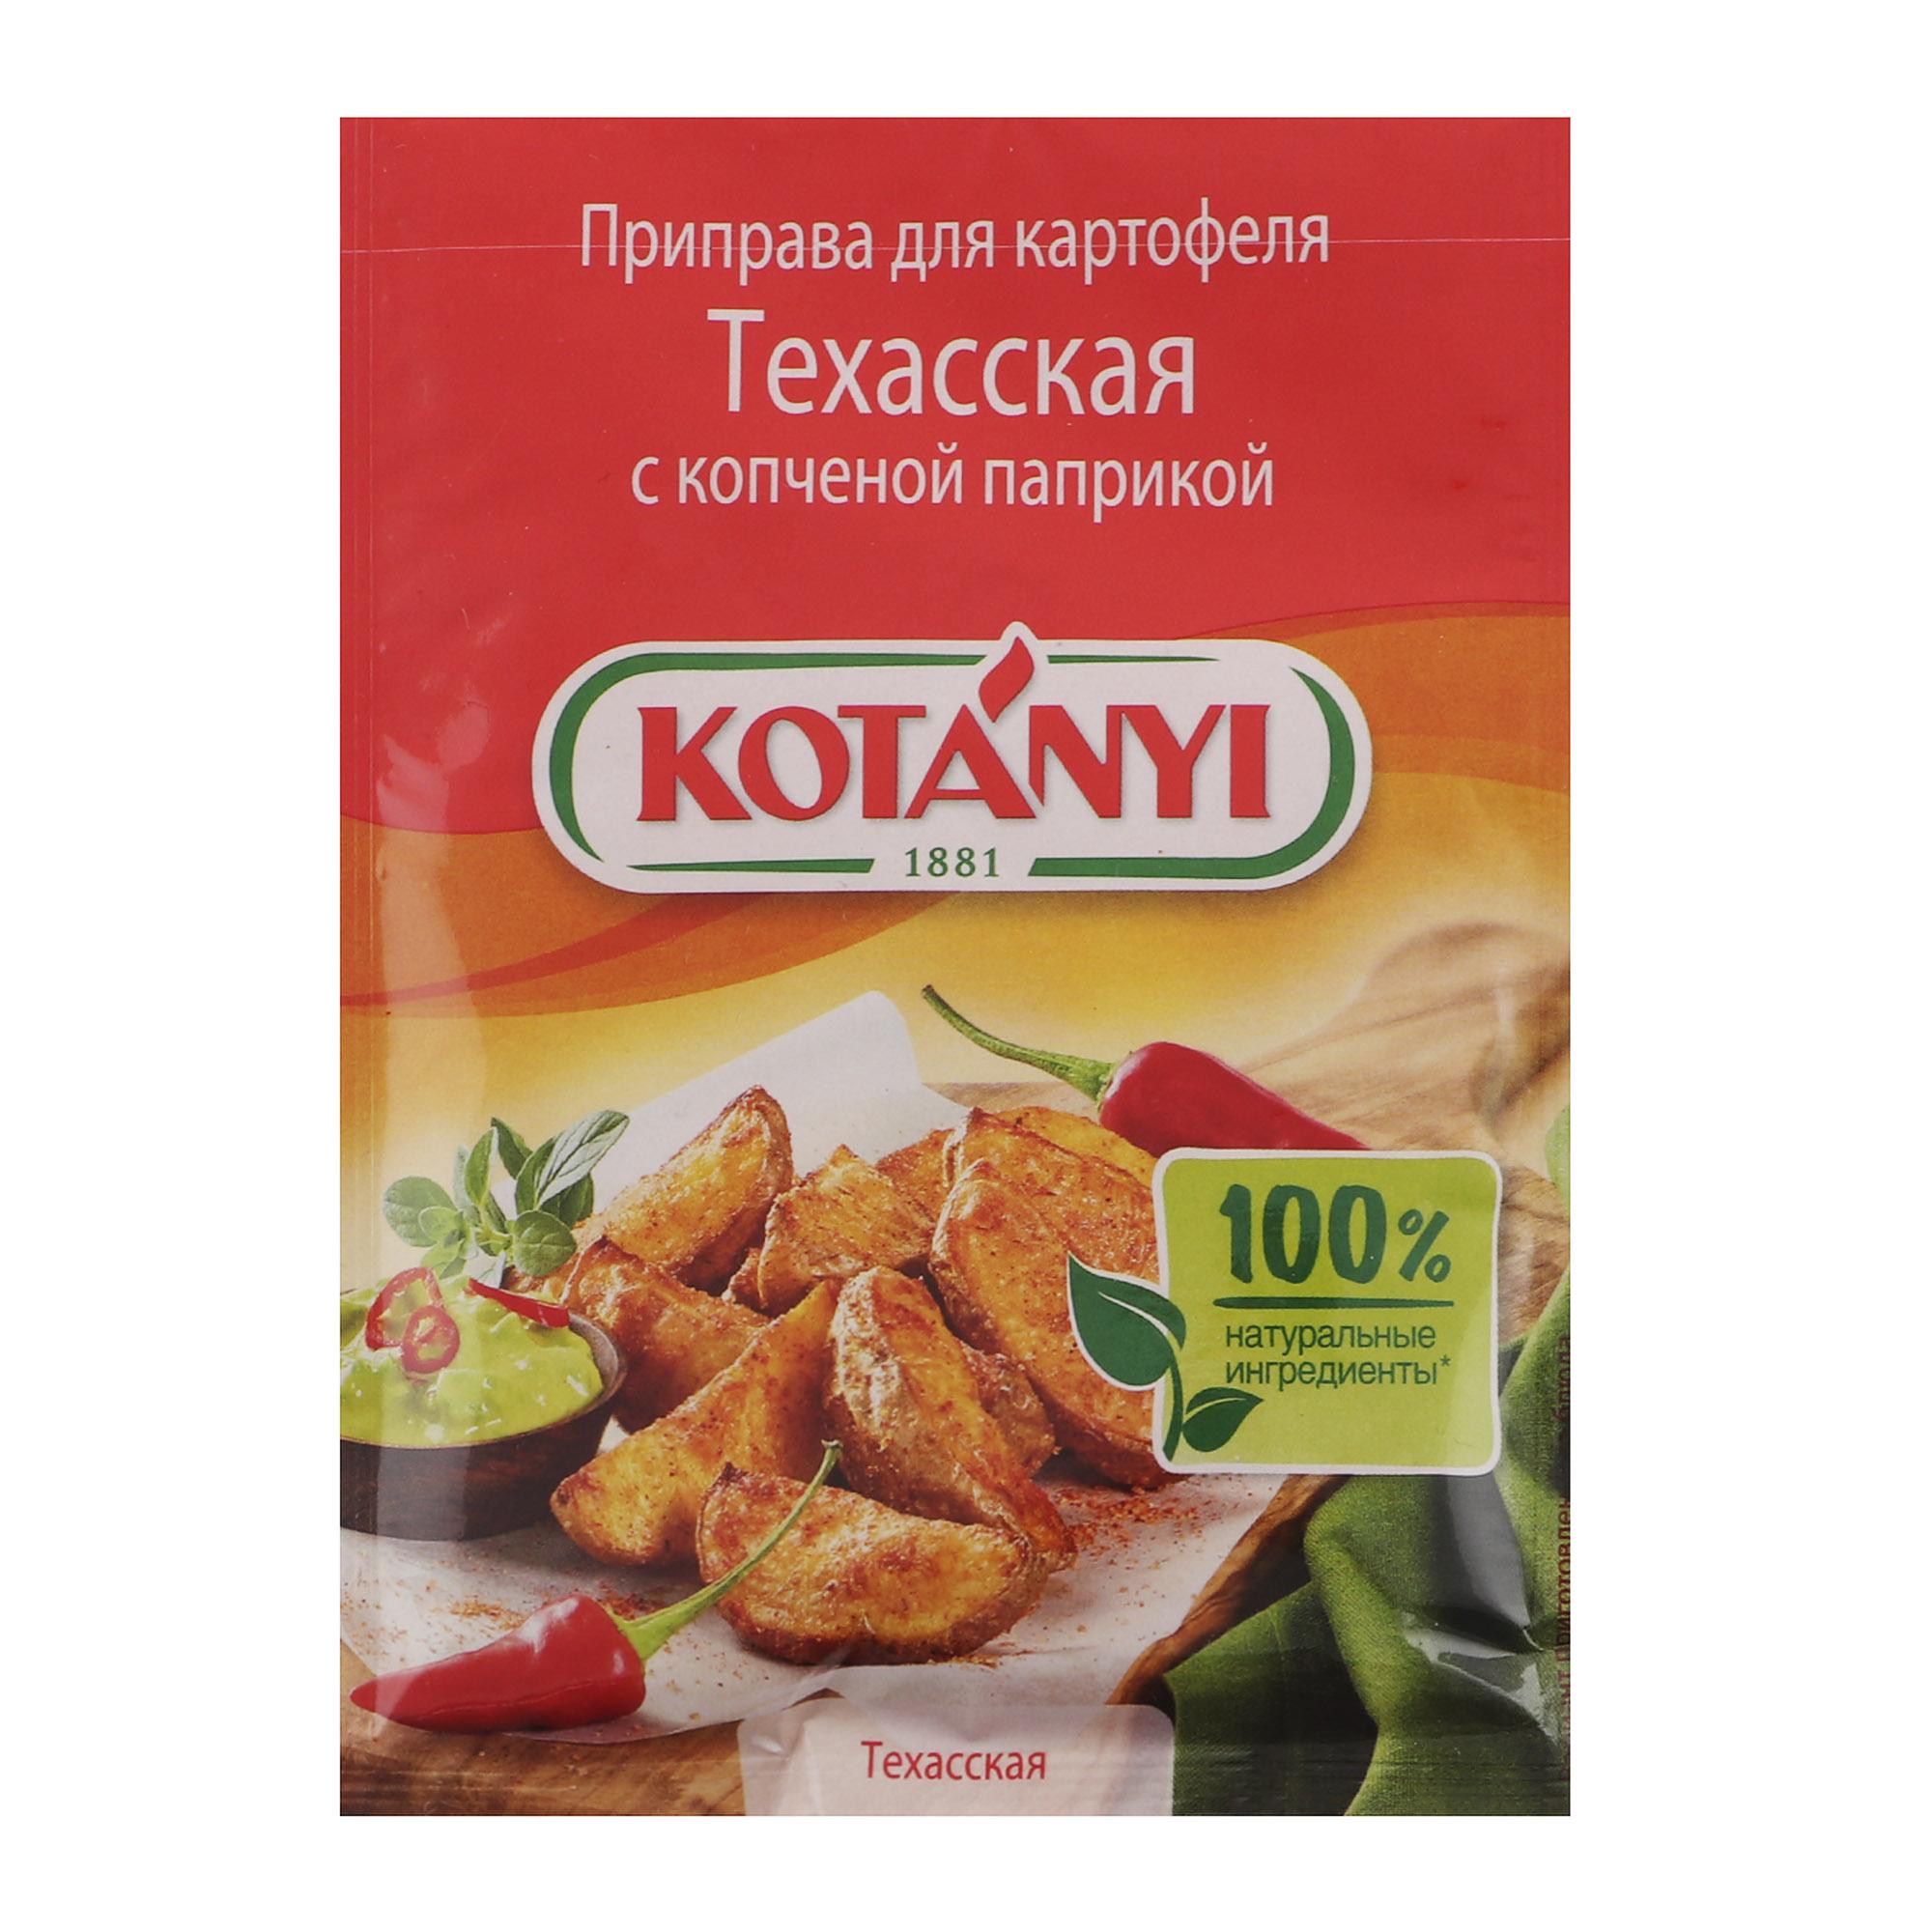 Приправа Kotanyi Техасская для картофеля с копченой паприкой 20 г сахар kotanyi с ванилью 10 г